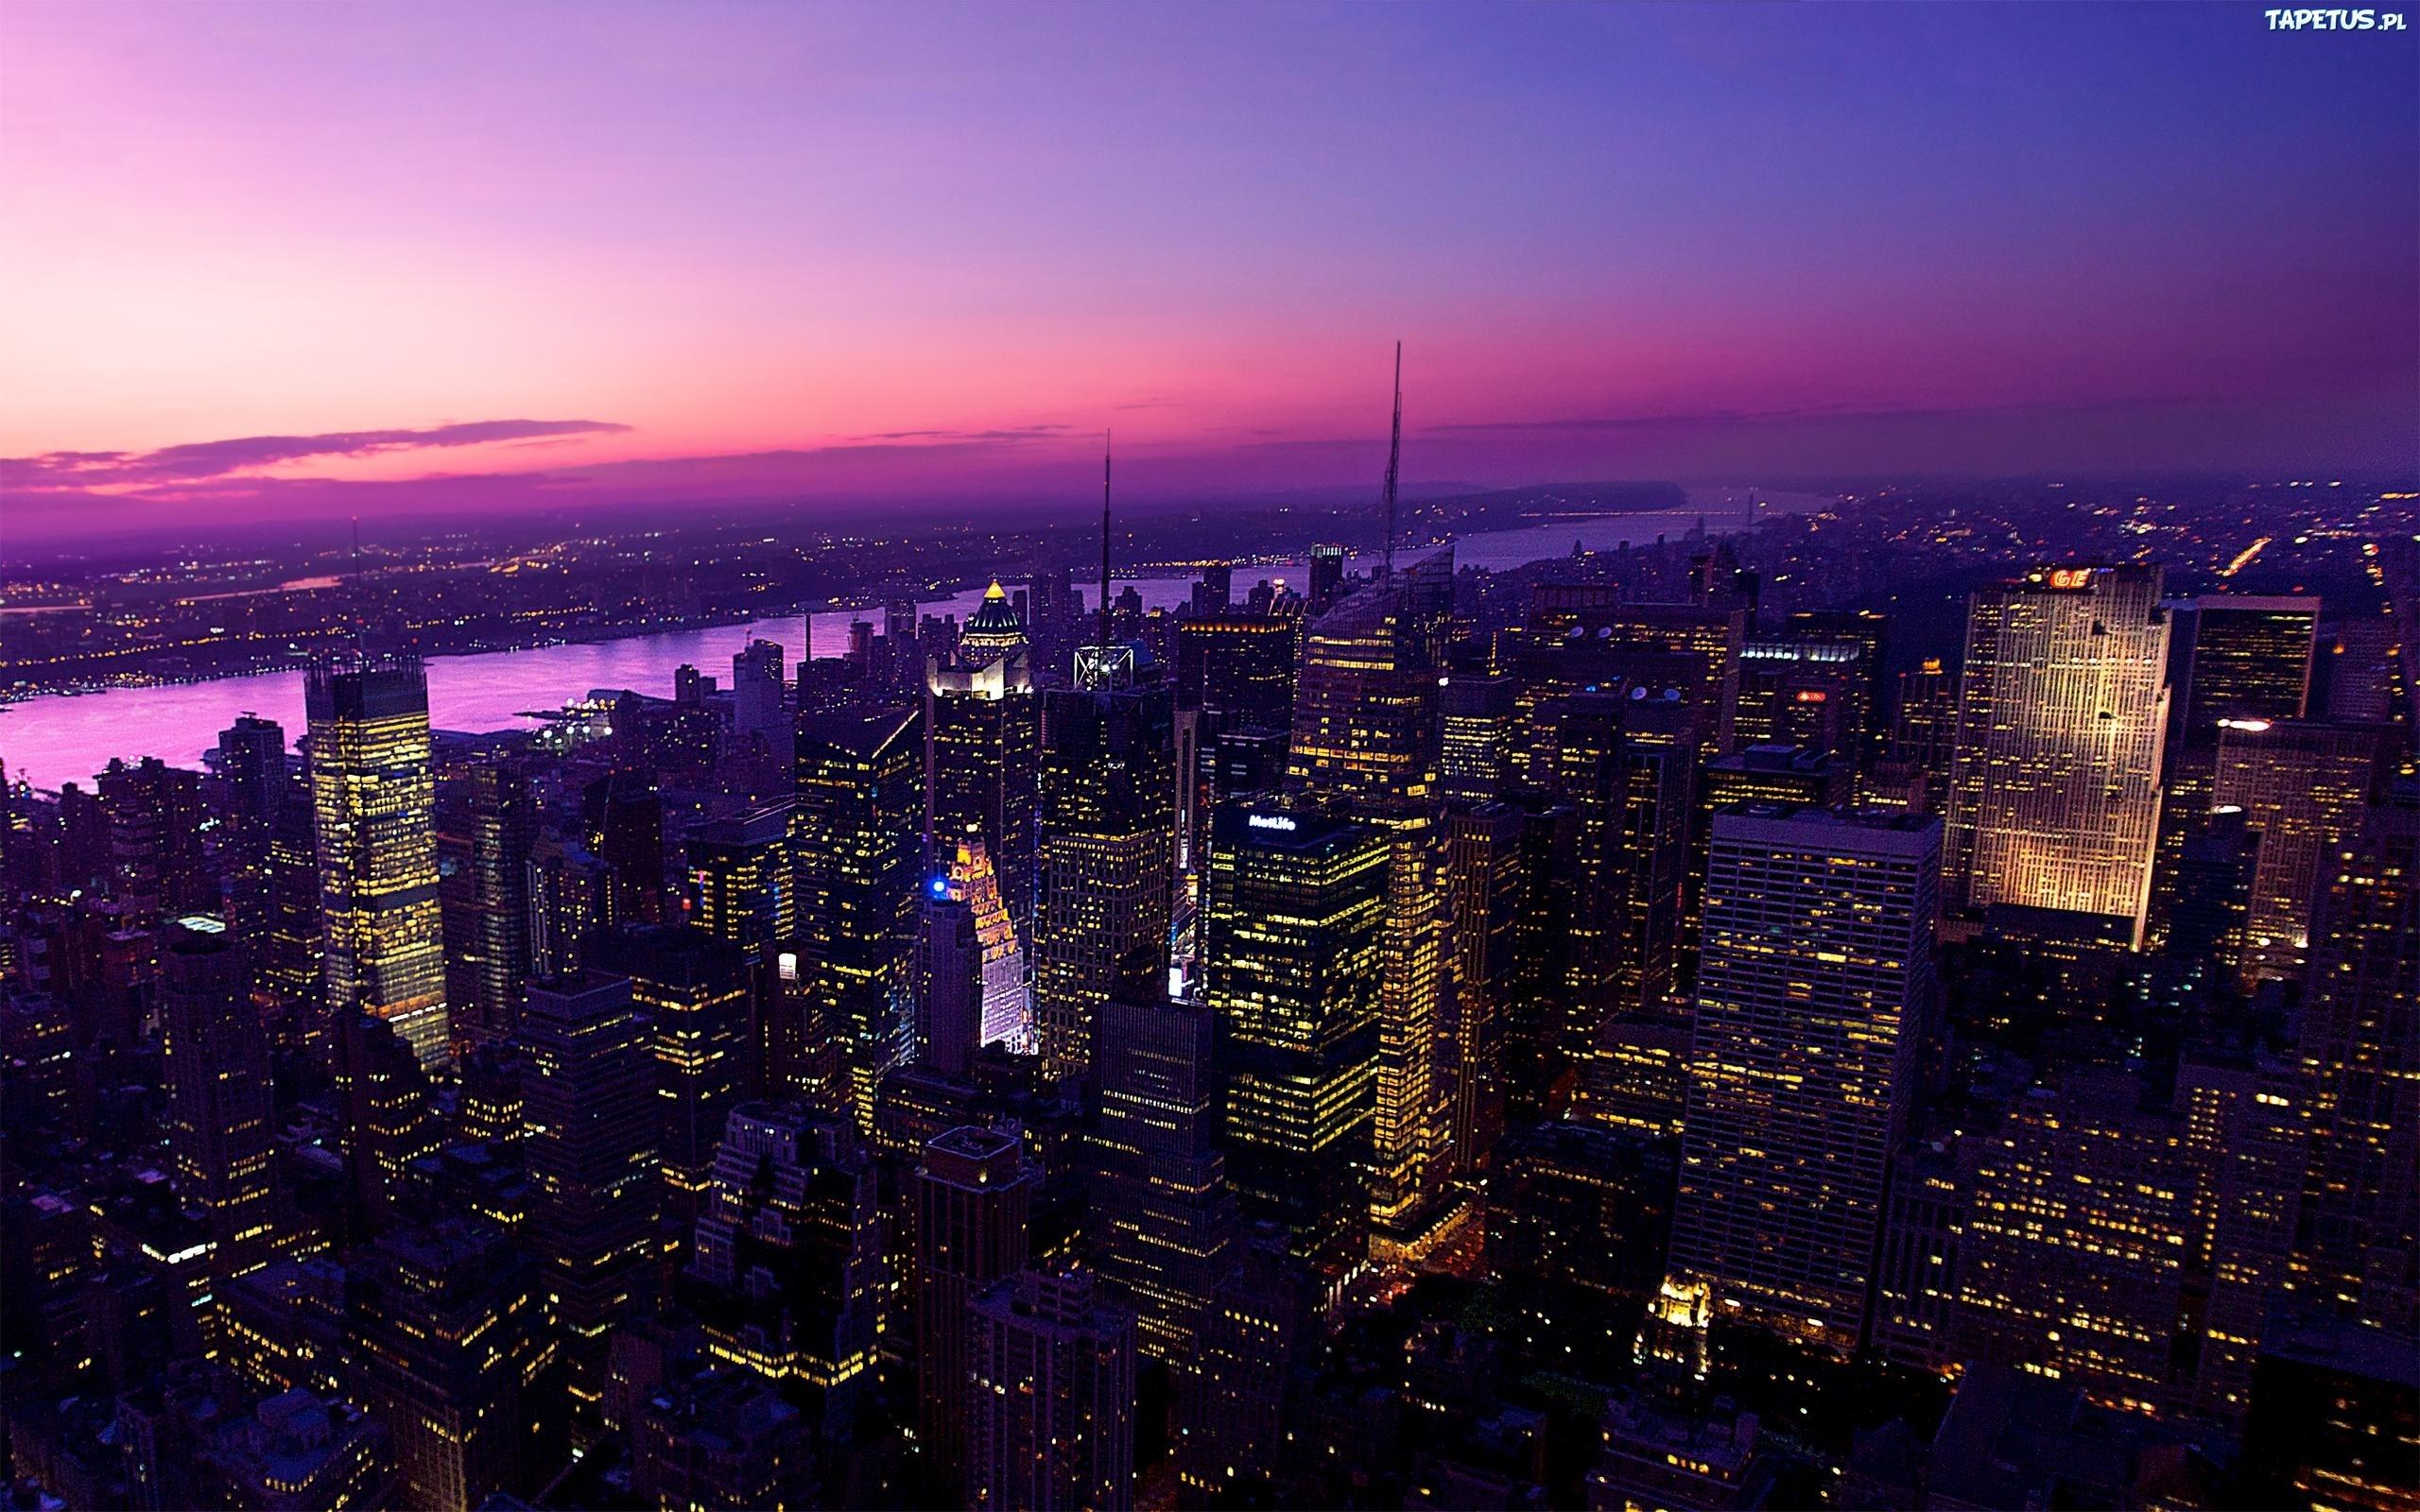 ною-йорк закат высота бесплатно